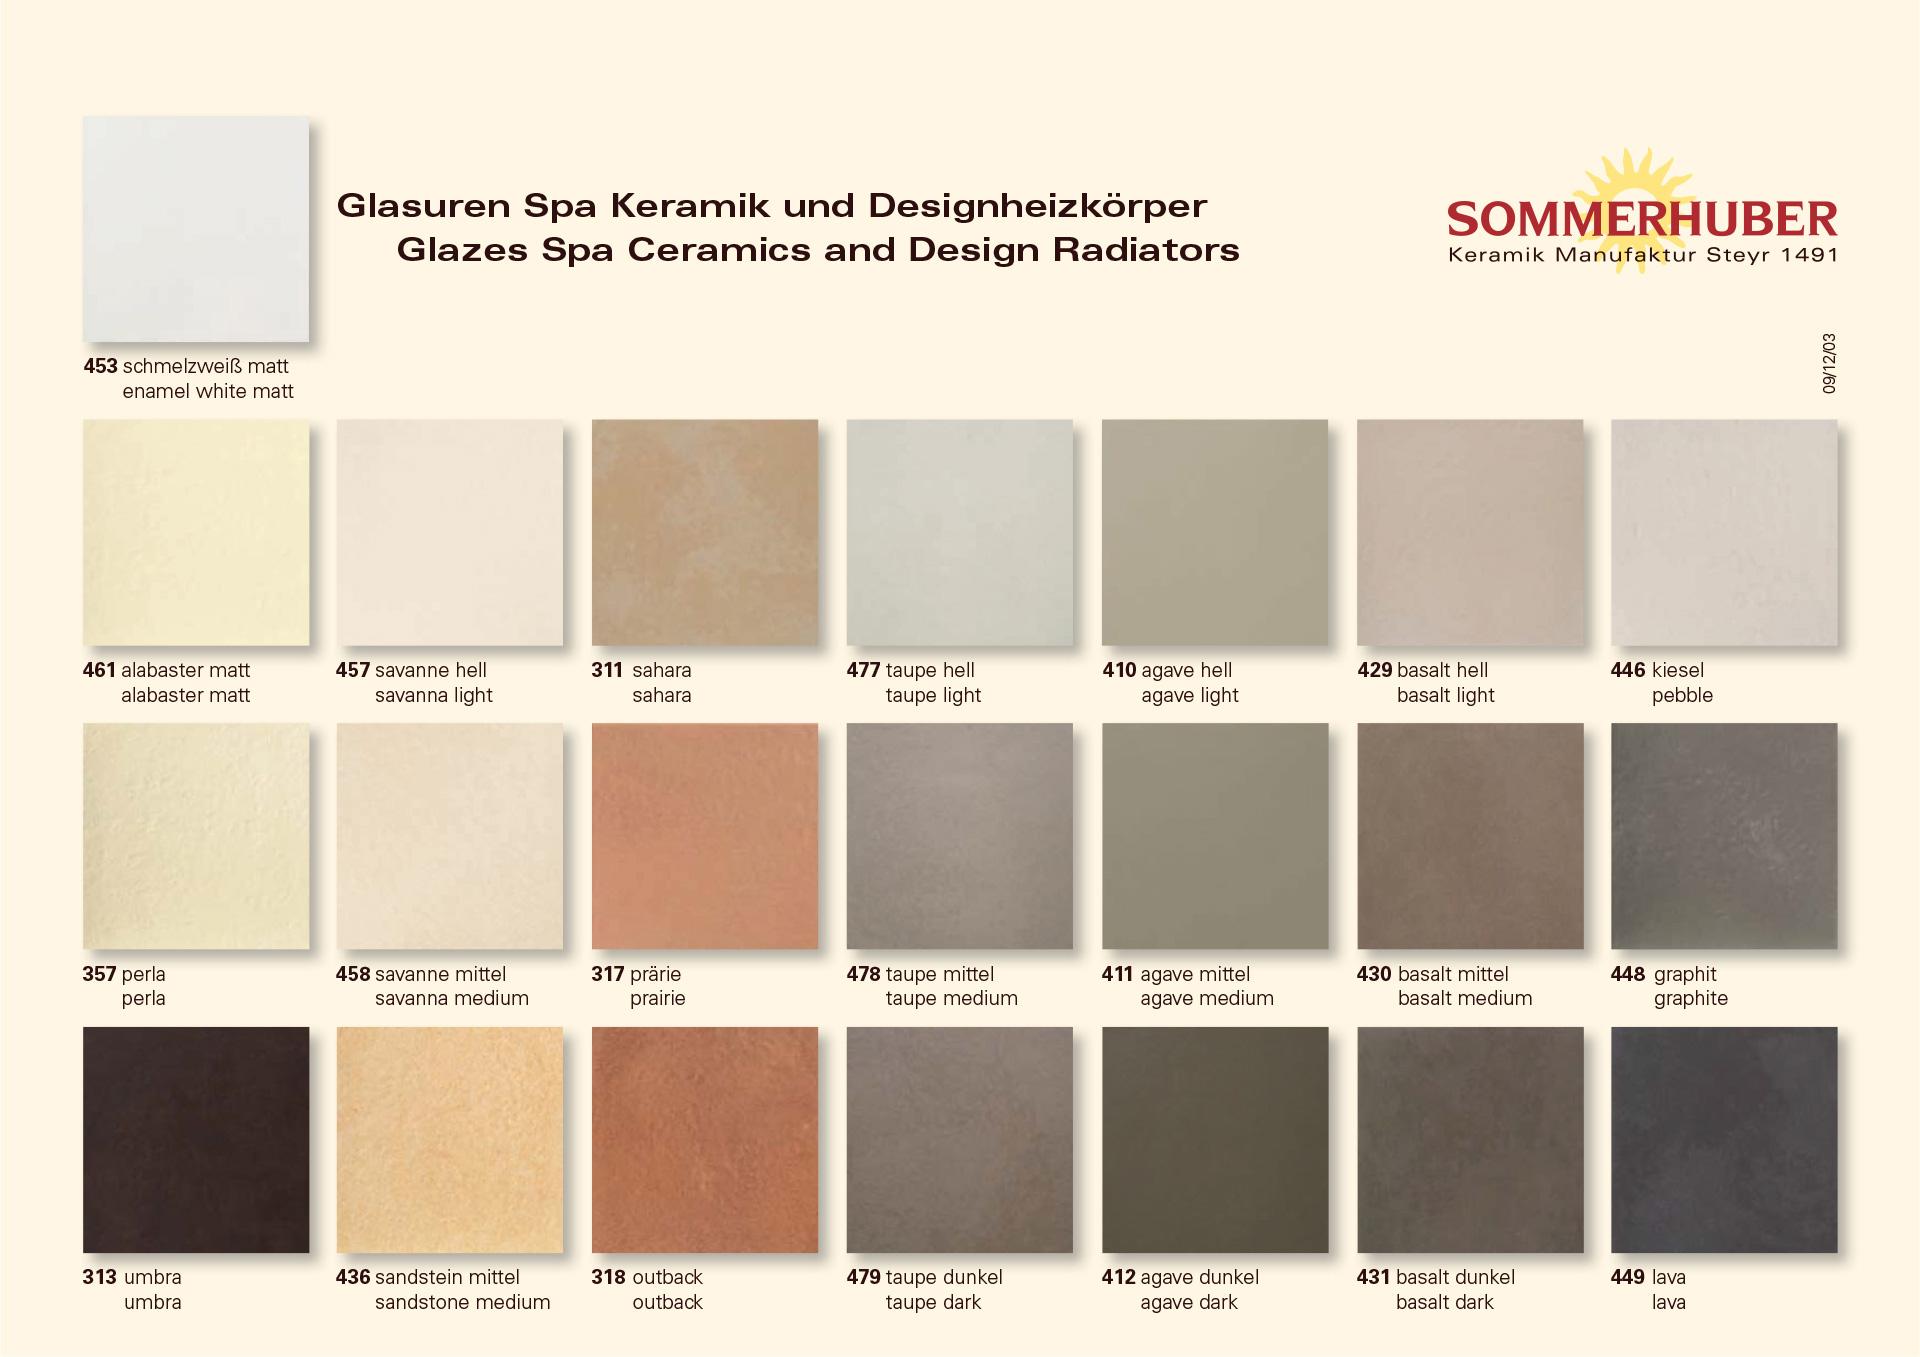 Wellness-Produkte - Übersicht Glasuren Spa Keramik und Designheizkörper